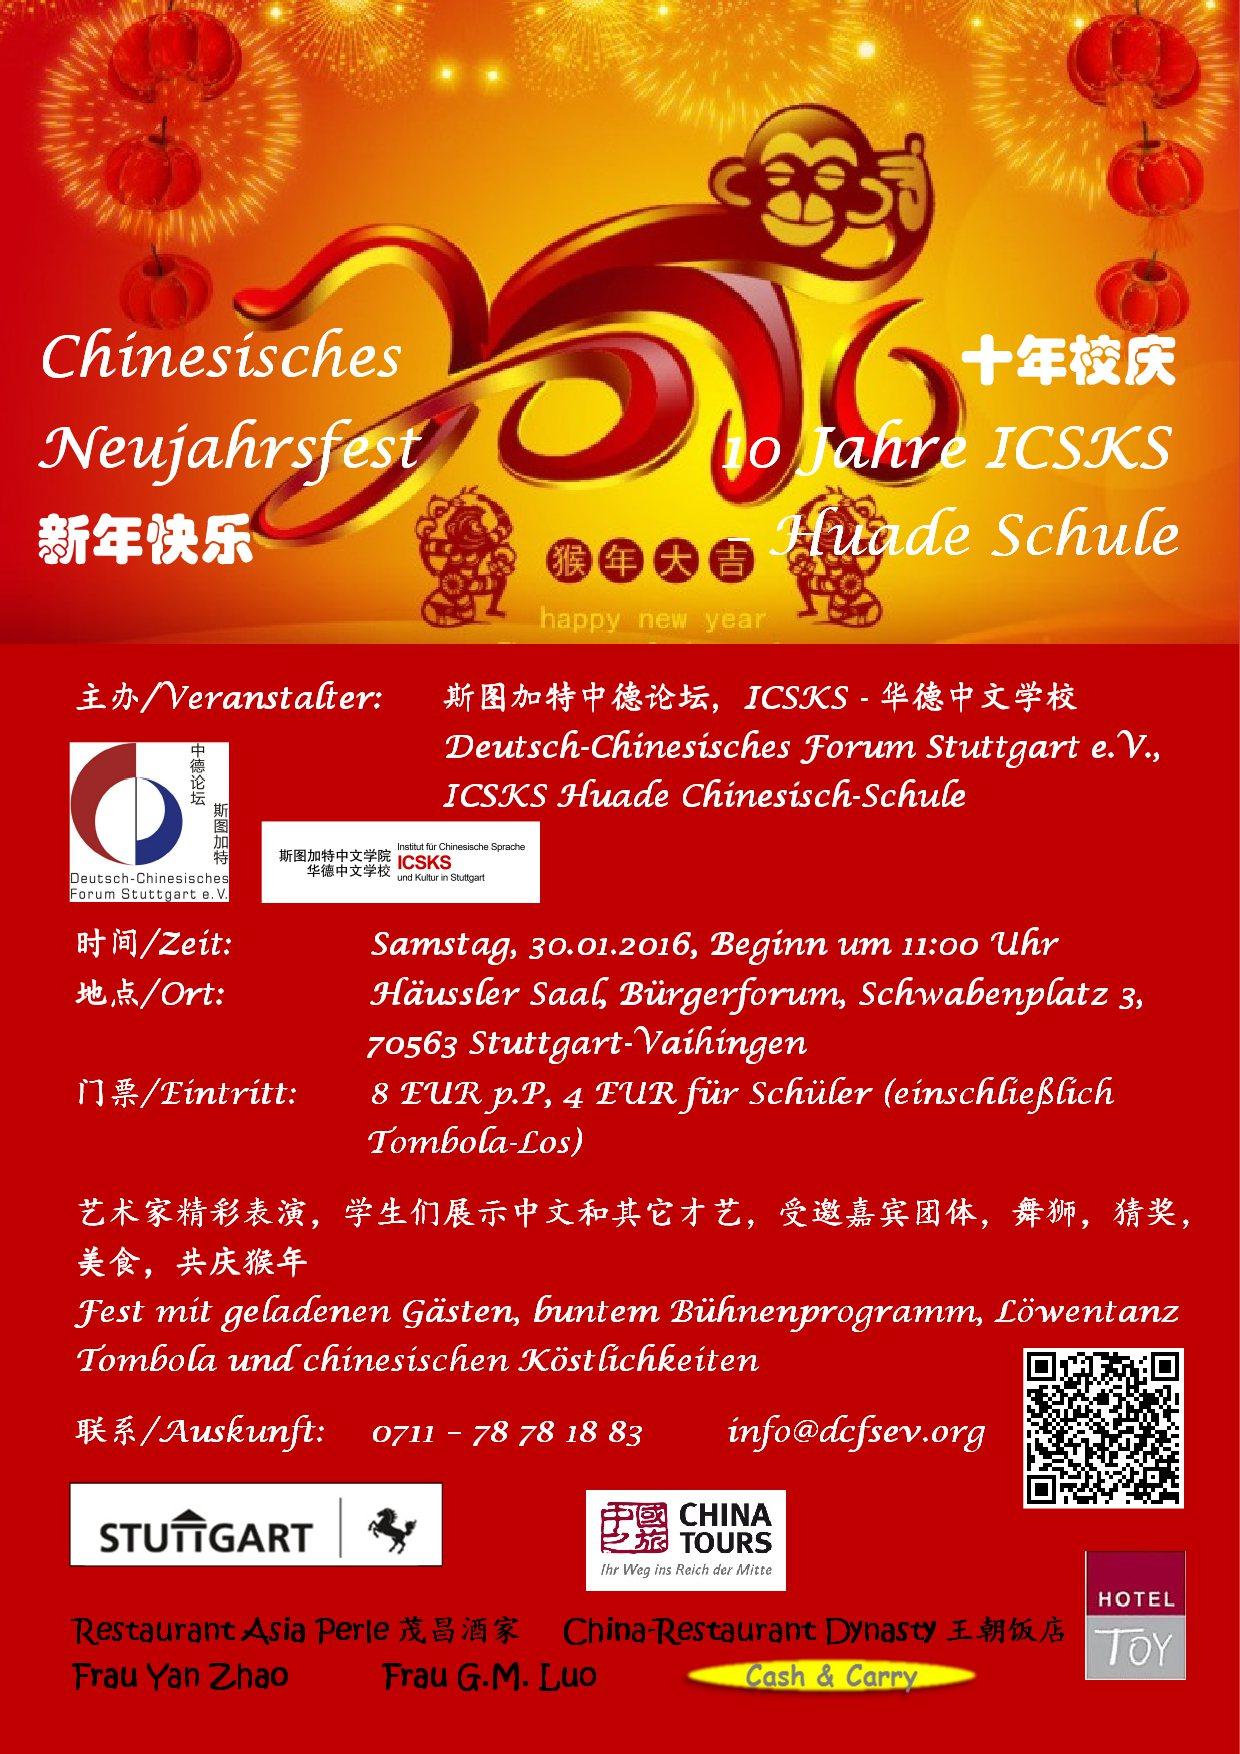 Deutsch-Chinesisches Forum Stuttgart e.V. » Blog Archive » Chinesisches Neujahrsfest 2016 und ...